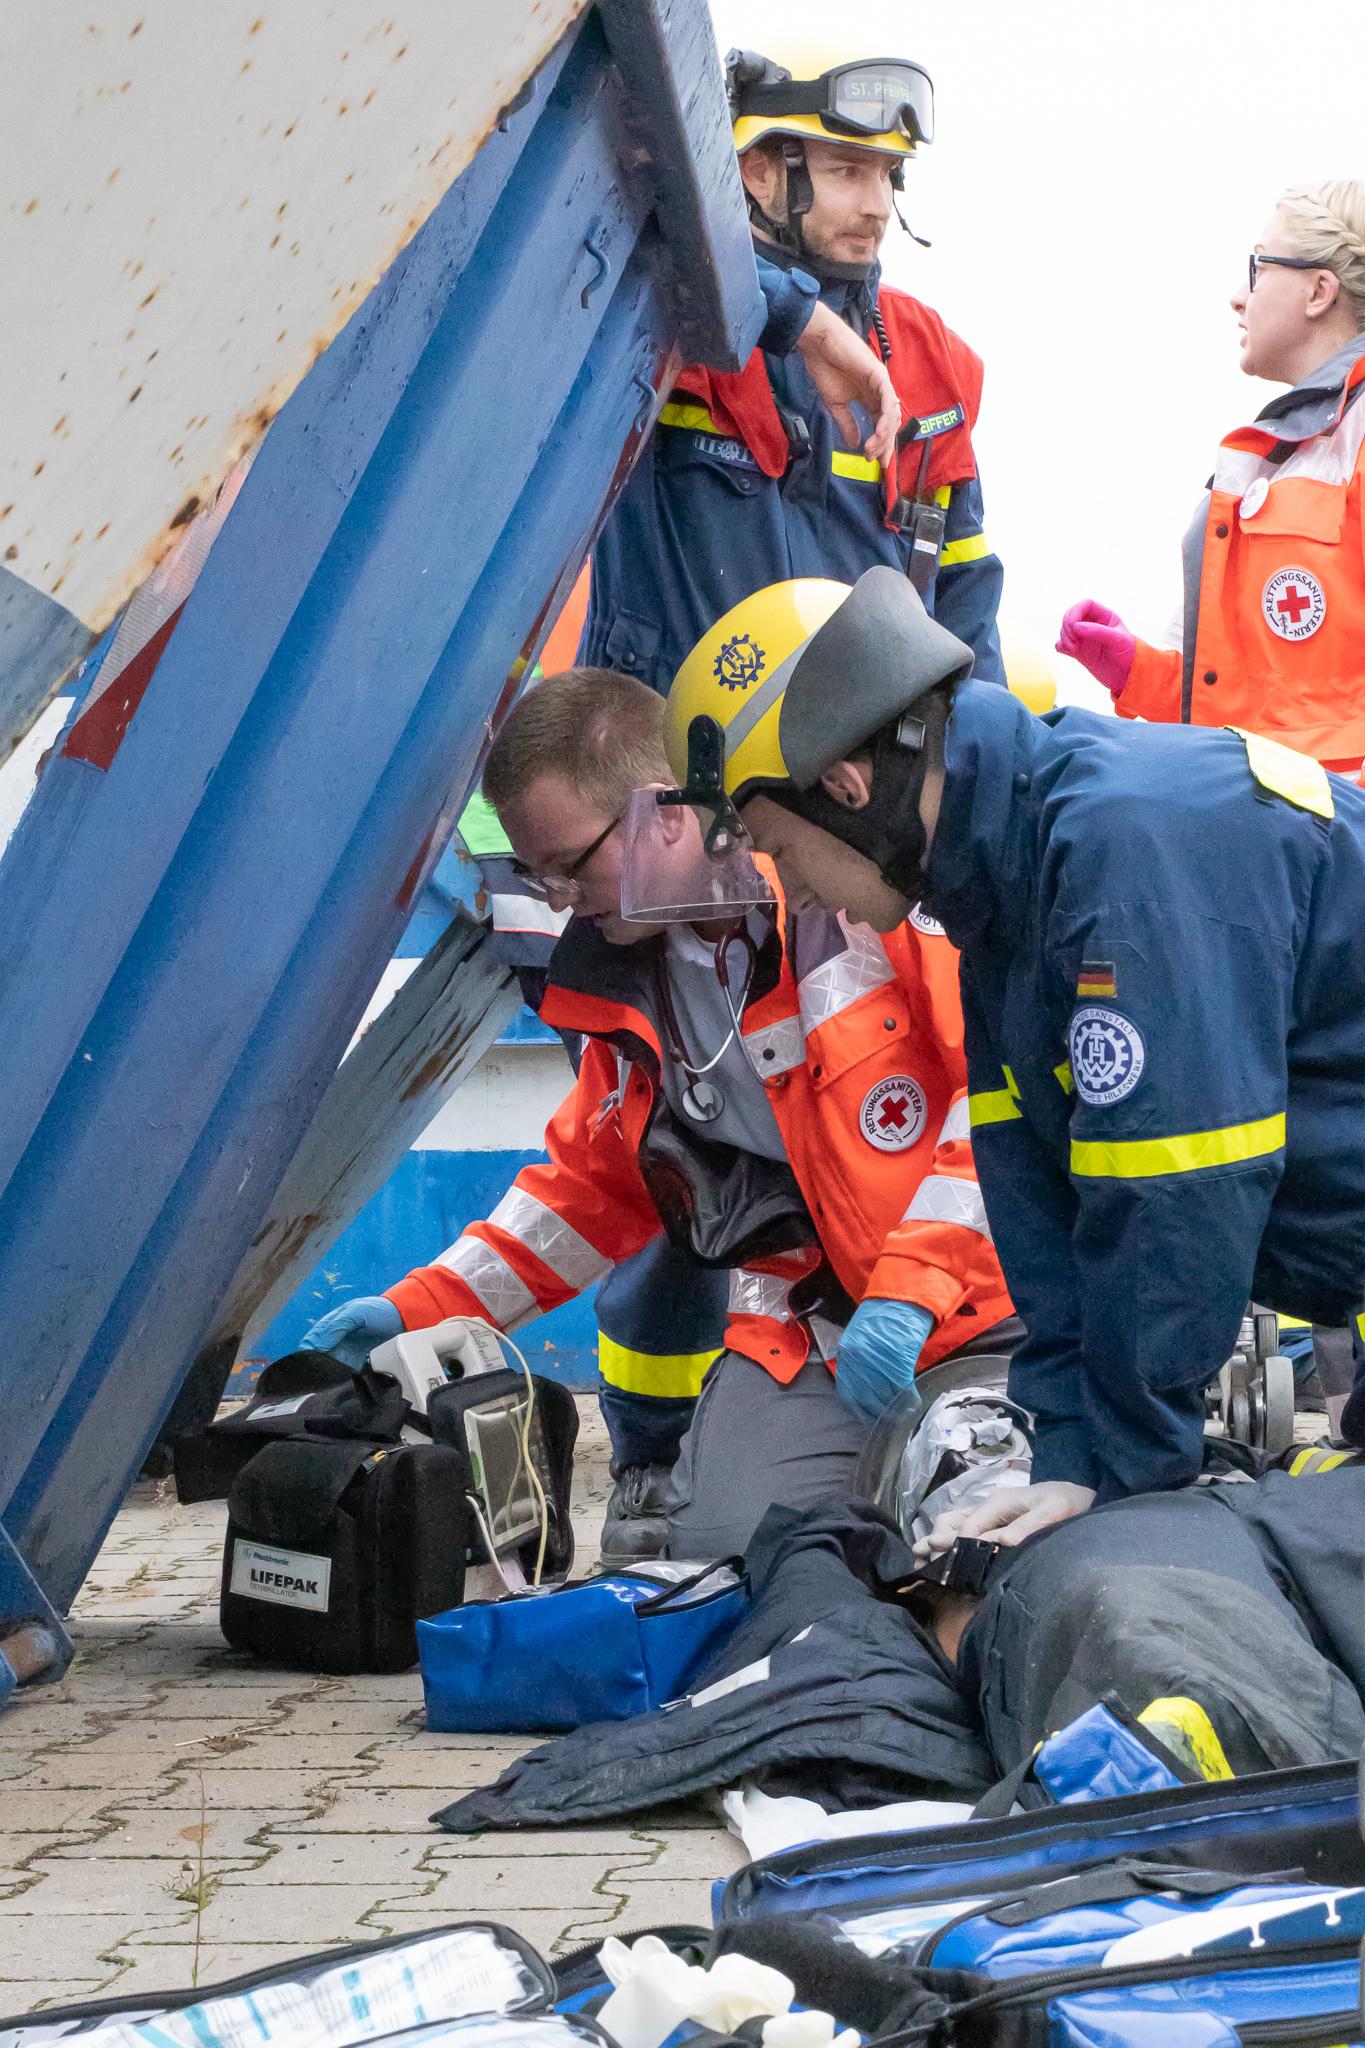 FeuerwehrSim 2019 Wirtschaftsbetrieb-8